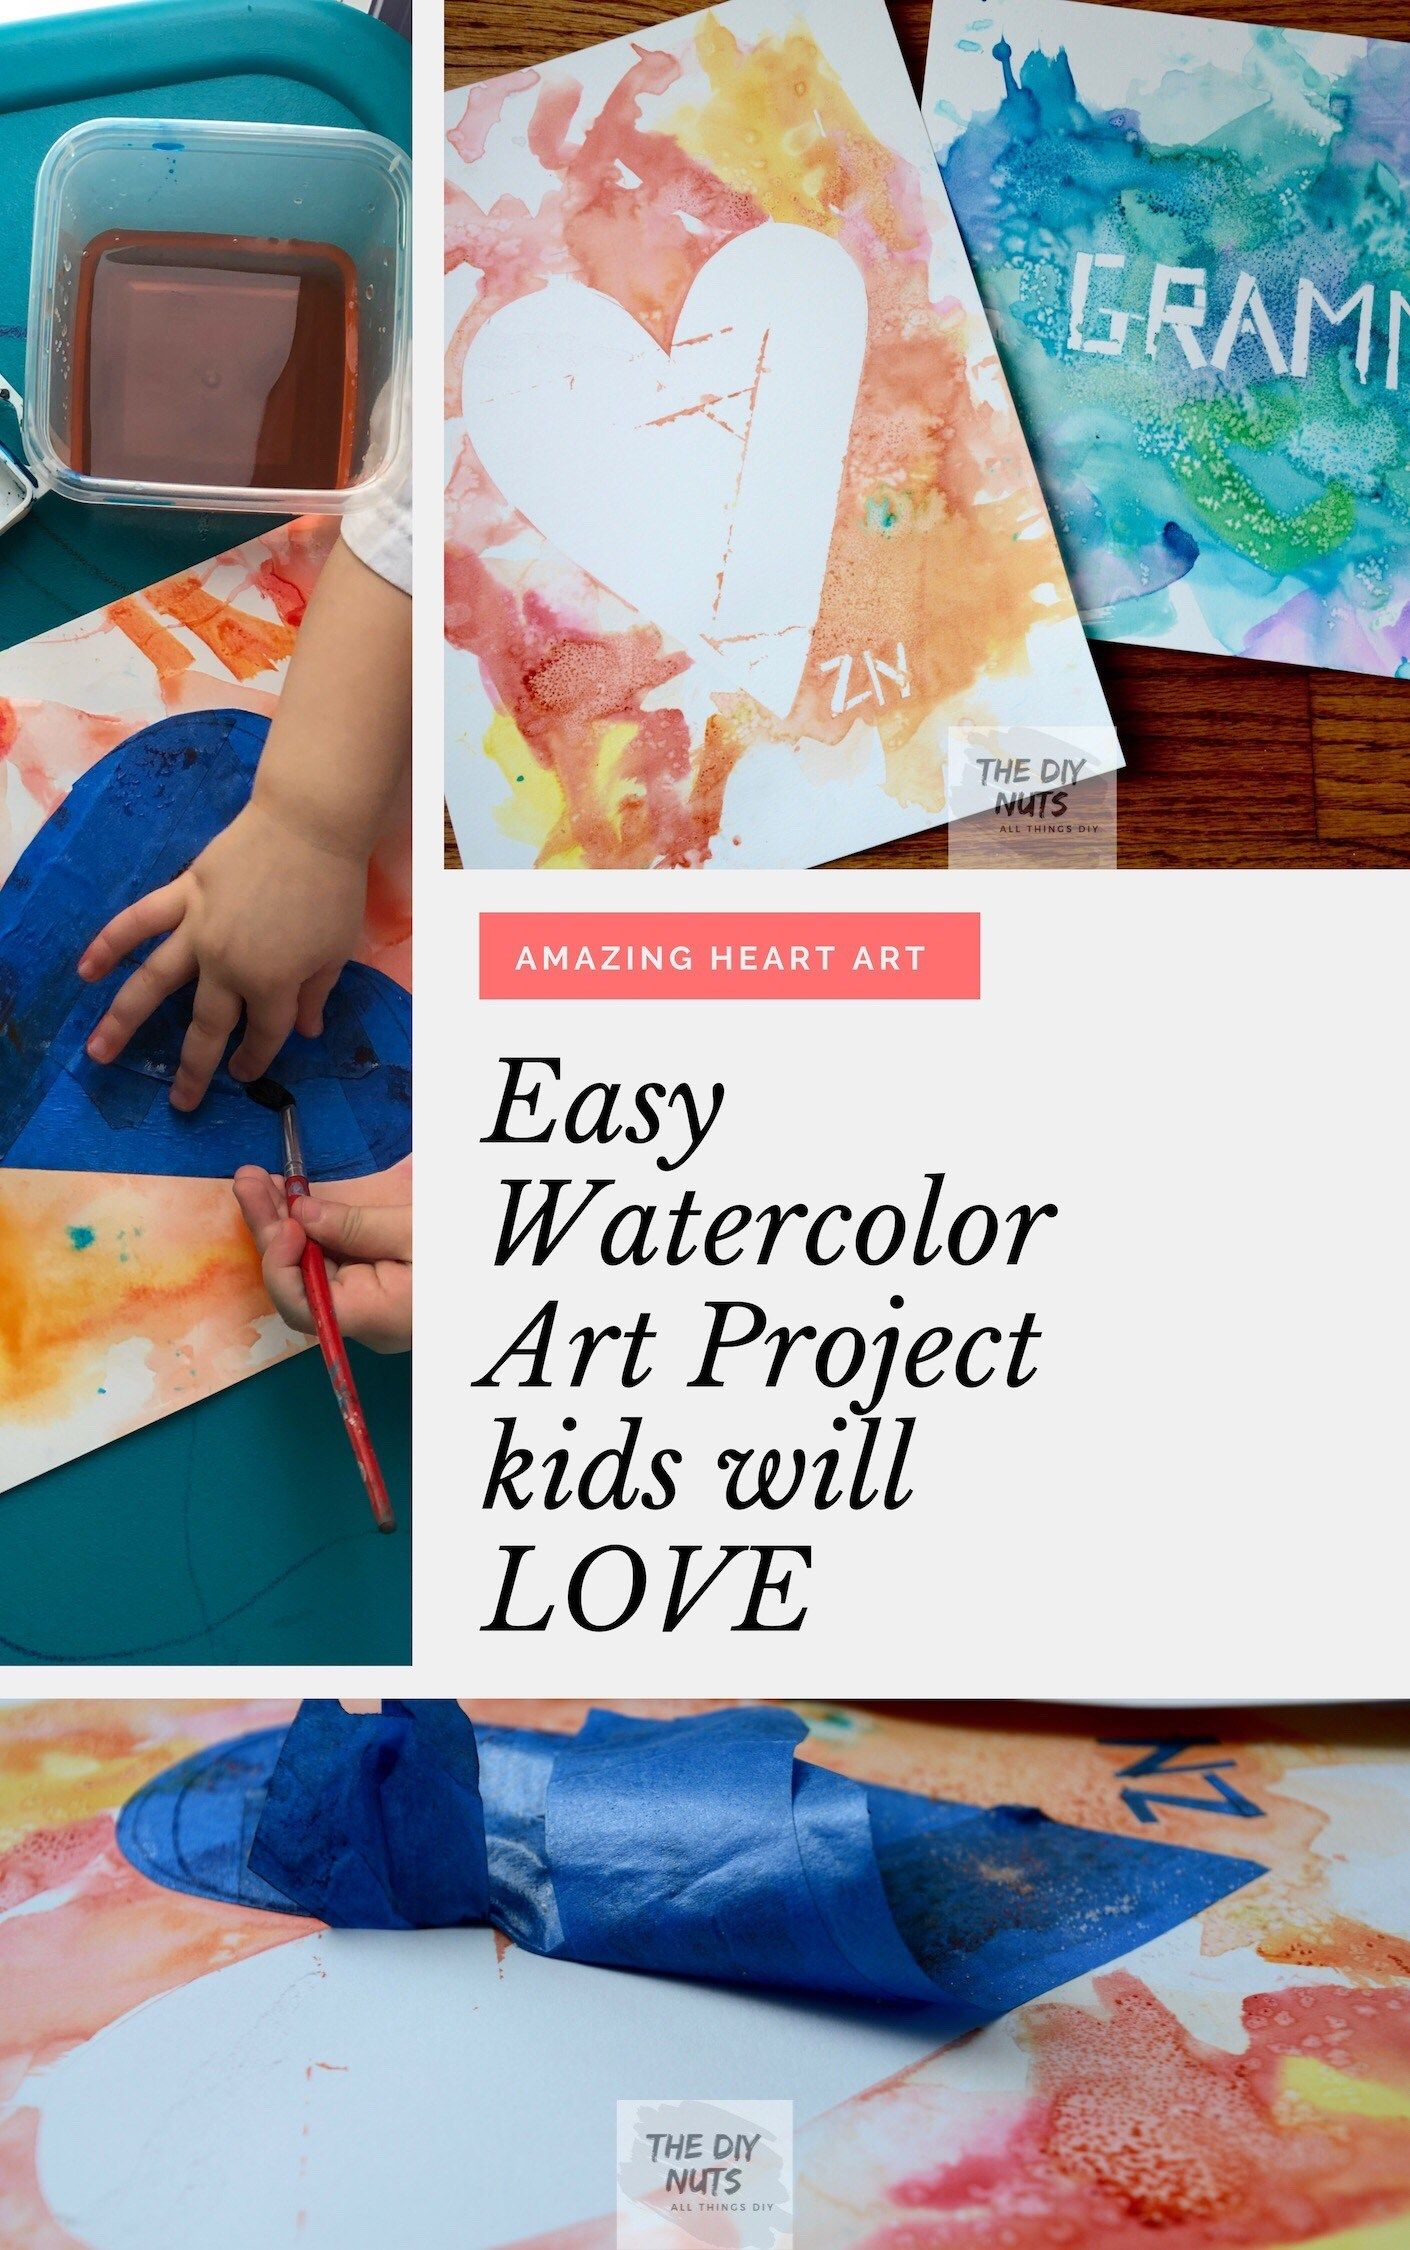 Easy Watercolor Art Project Kids Will Love Heart Art Kids